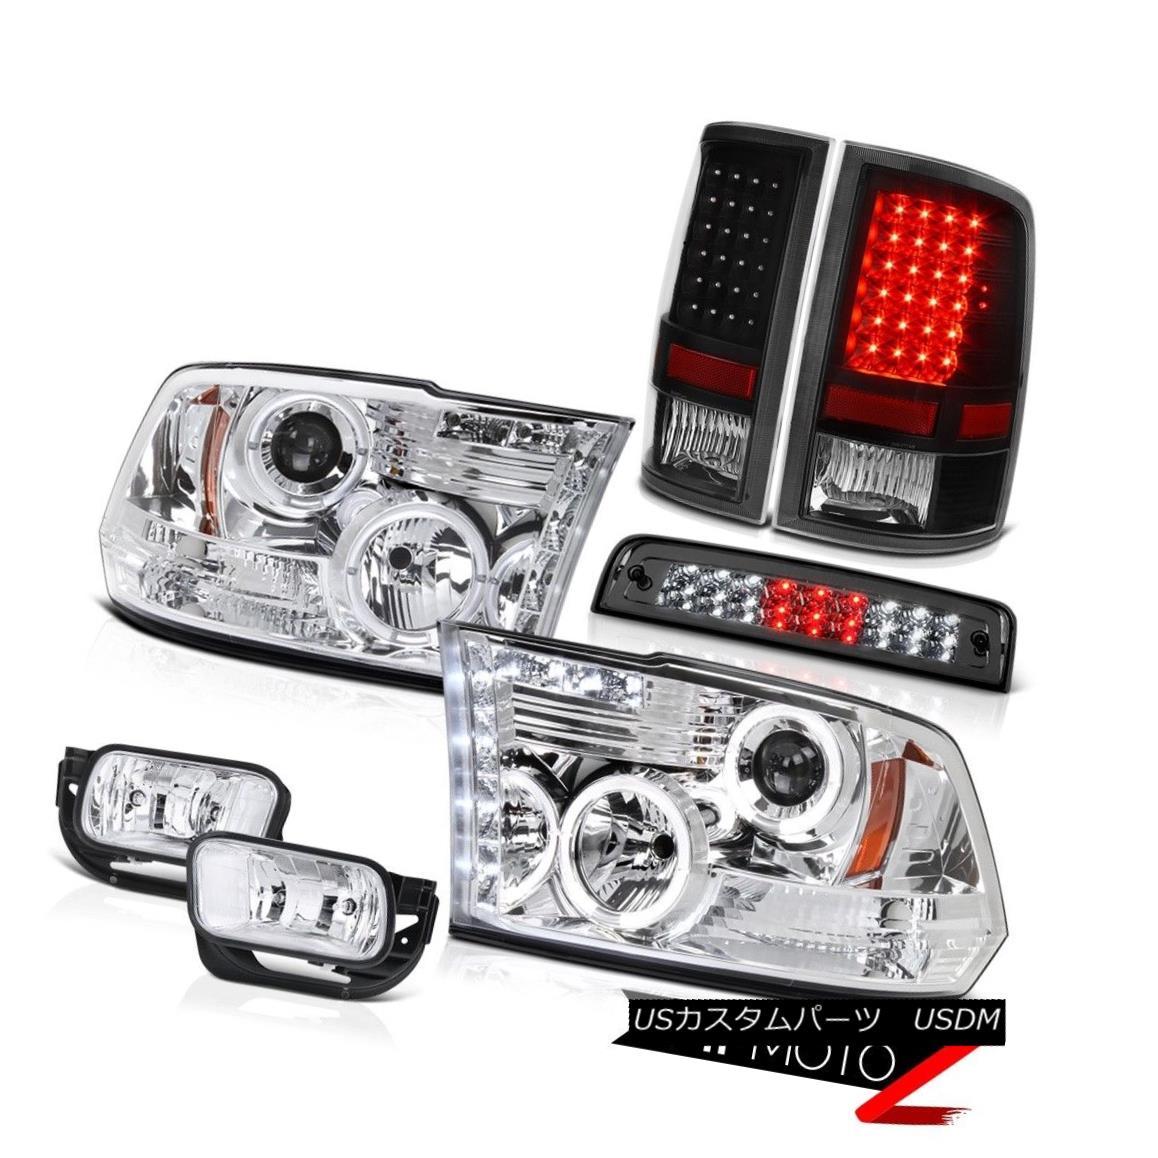 ヘッドライト 09-13 Dodge Ram 1500 6.7L Foglamps Roof Brake Lamp Taillamps Headlamps Halo Ring 09-13 Dodge Ram 1500 6.7Lフォグランプ屋根用ブレーキランプタイルランプヘッドランプHalo Ring